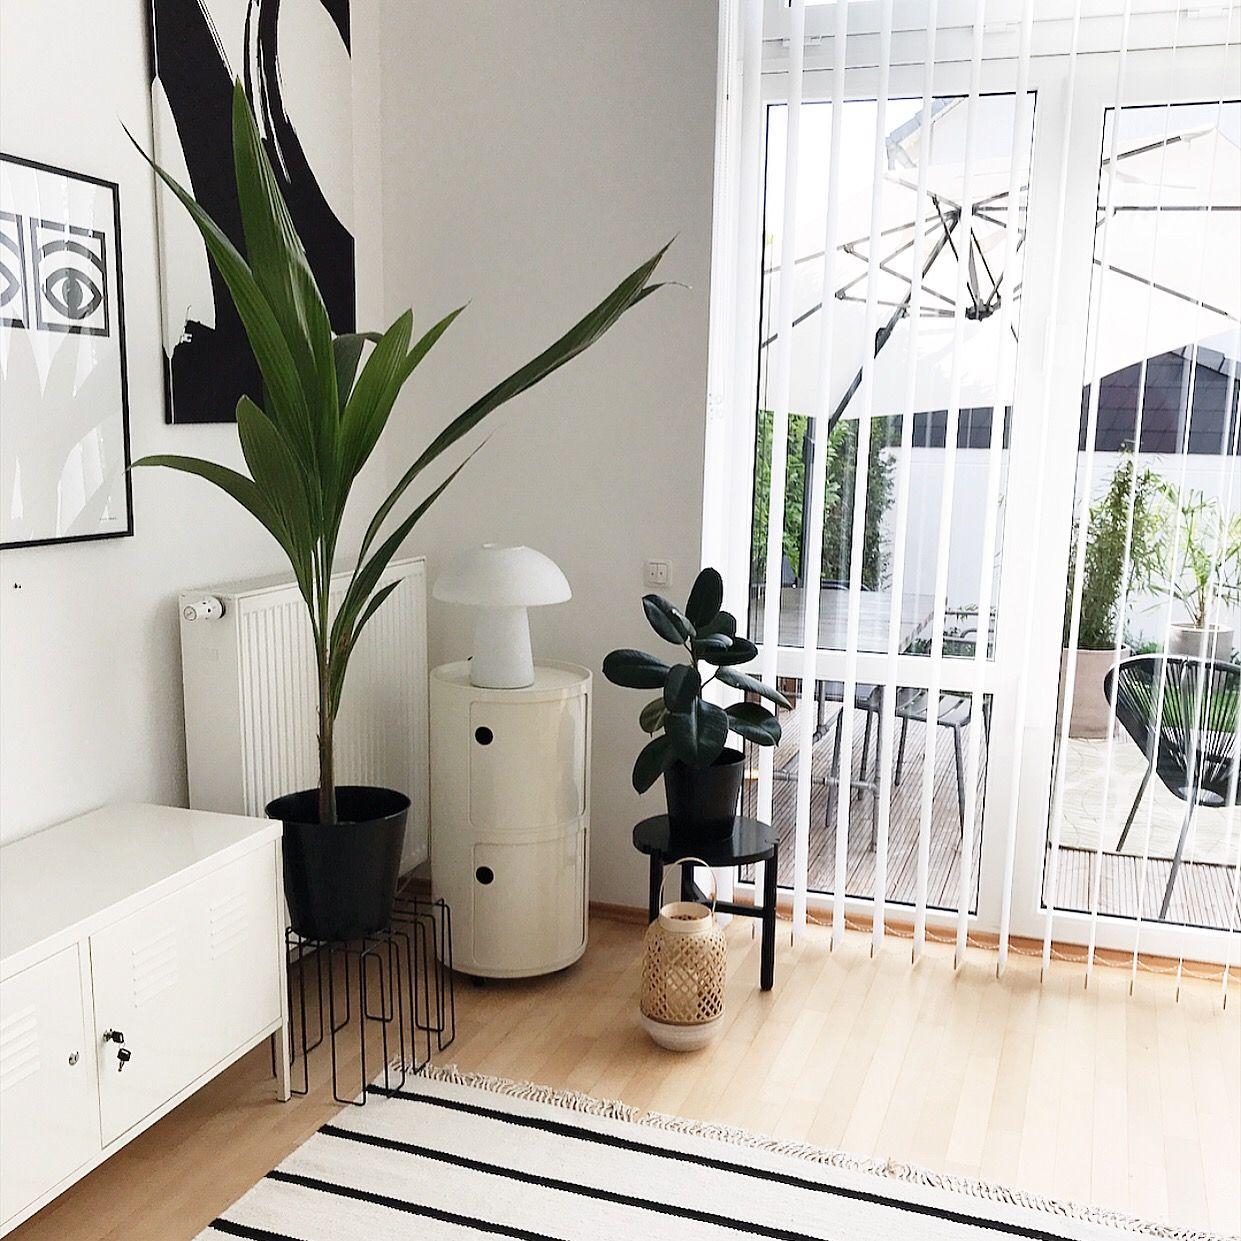 Wohnen mit Pflanzen  Wohnen, Wohnzimmer pflanzen, Wohnzimmer